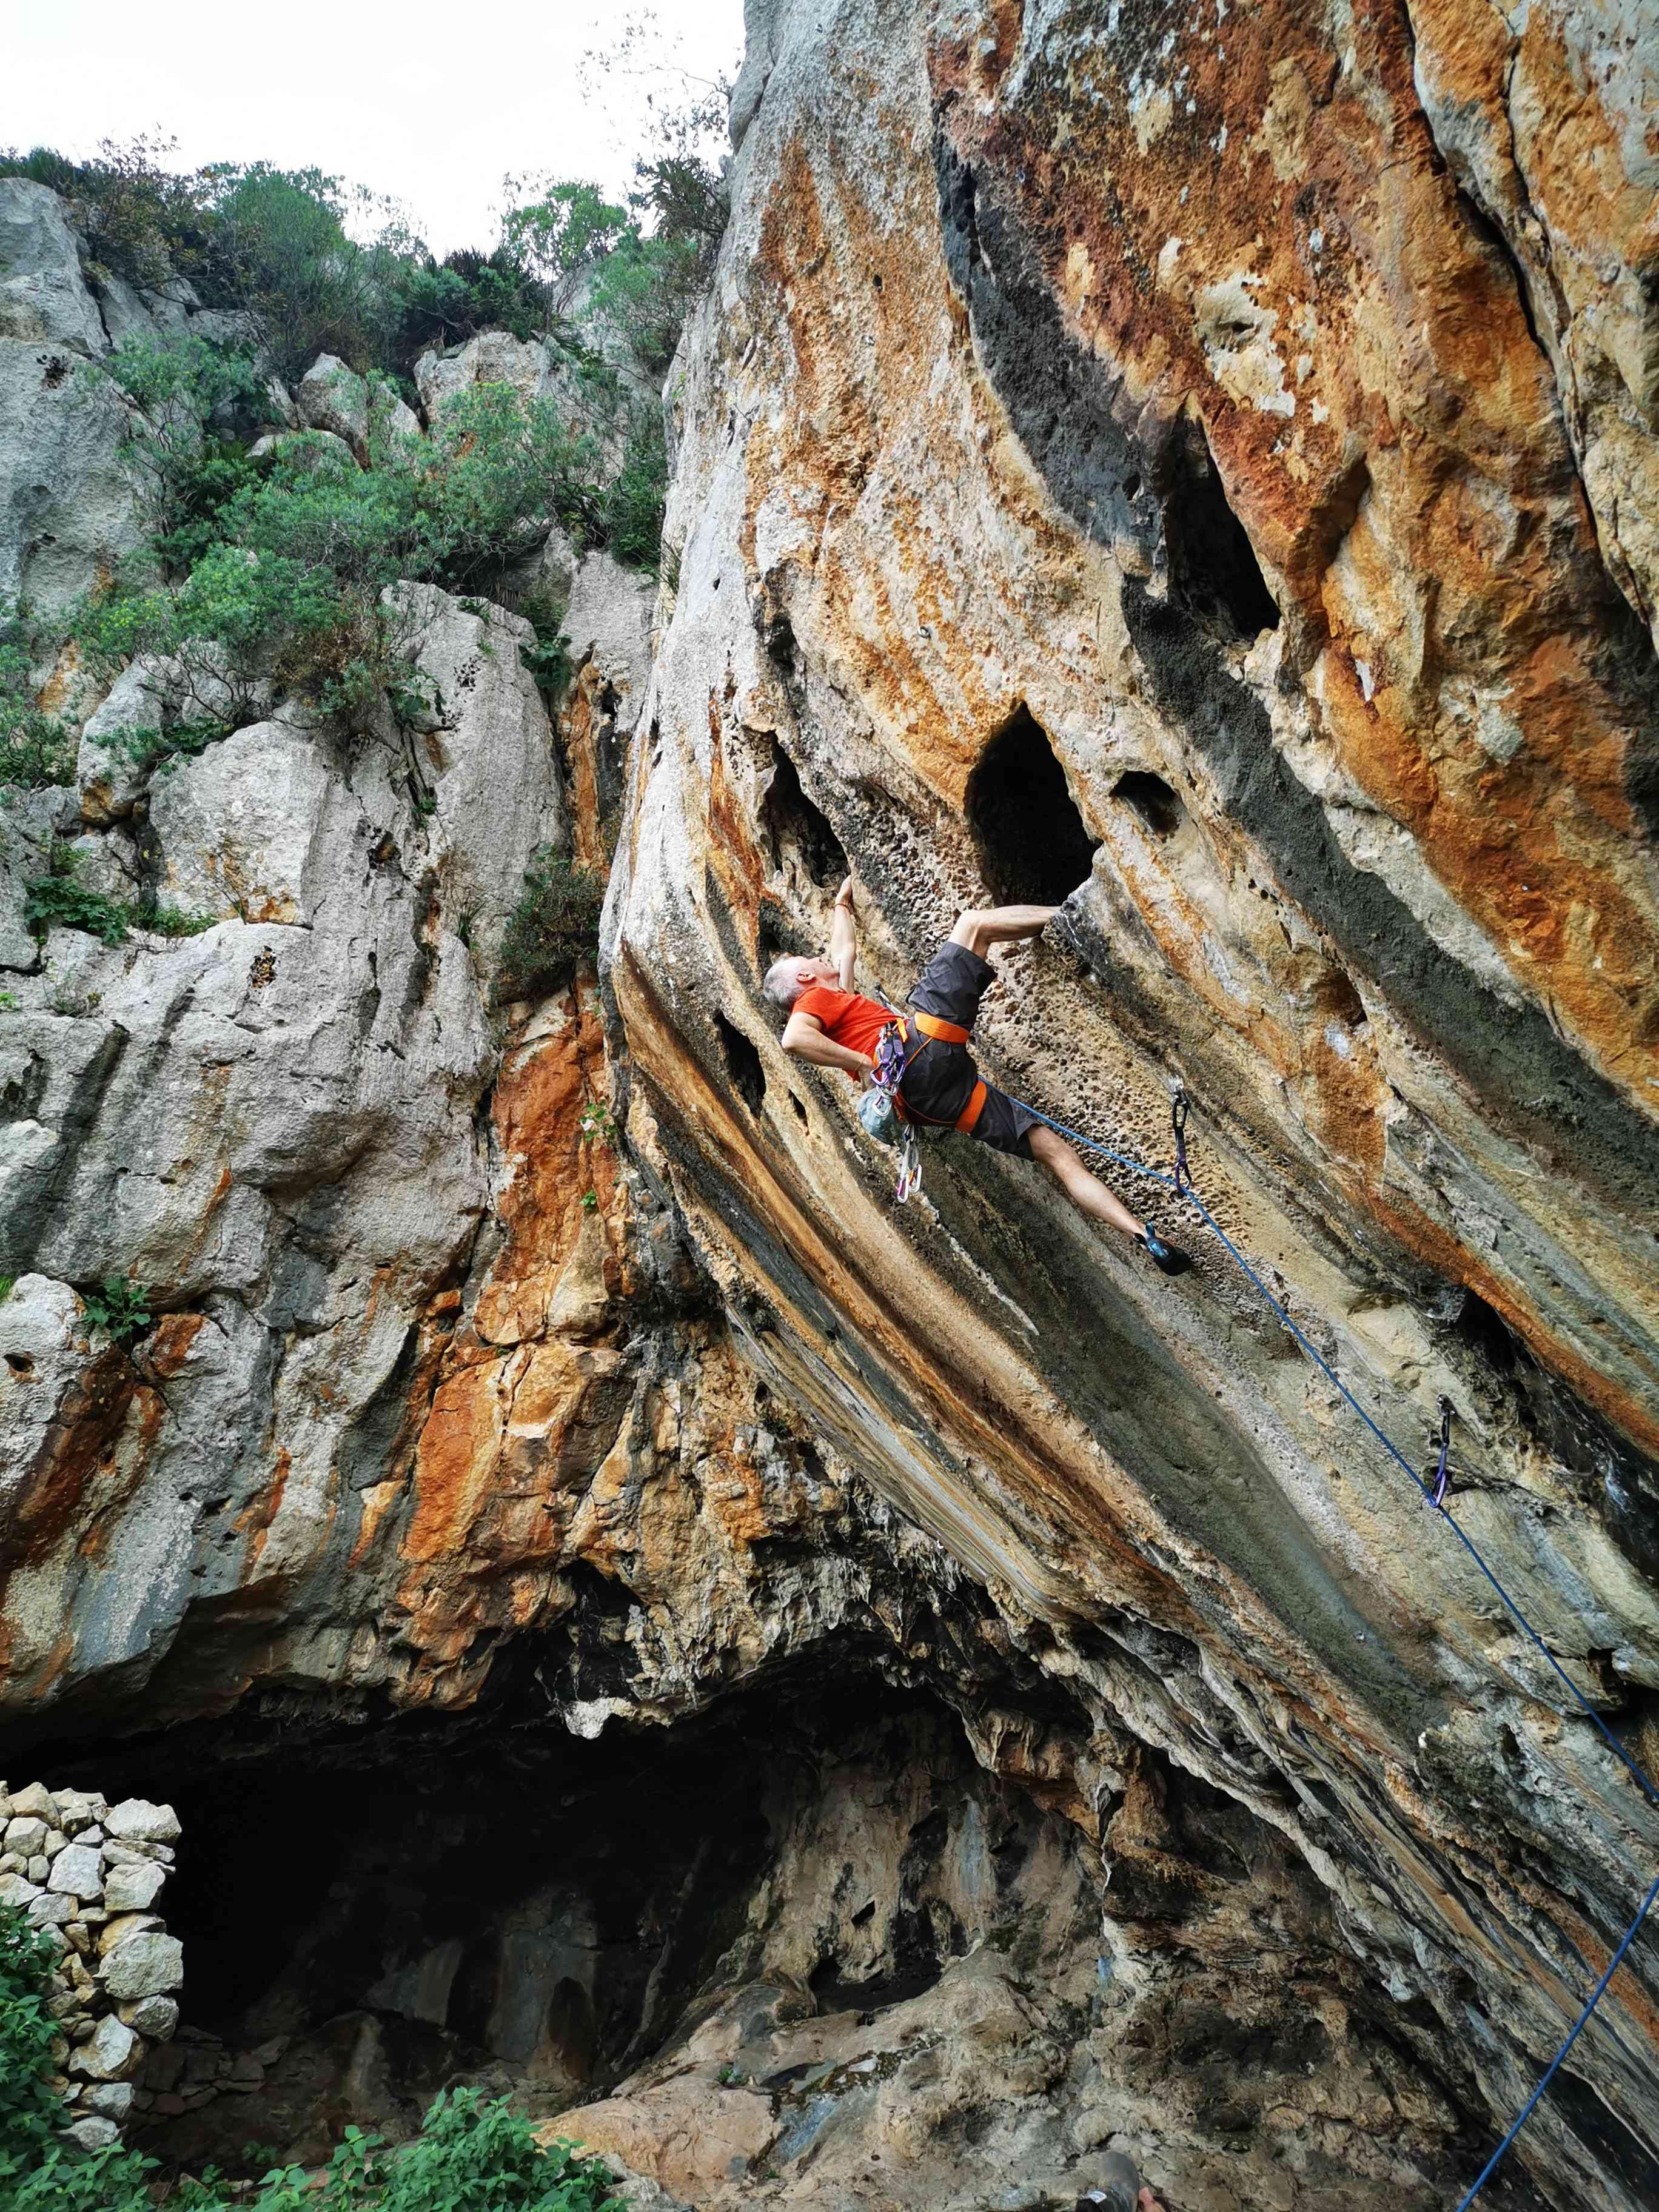 longshot di un tallone scalatore che si aggancia in un buco su una scogliera di calcare arancione e nero striato